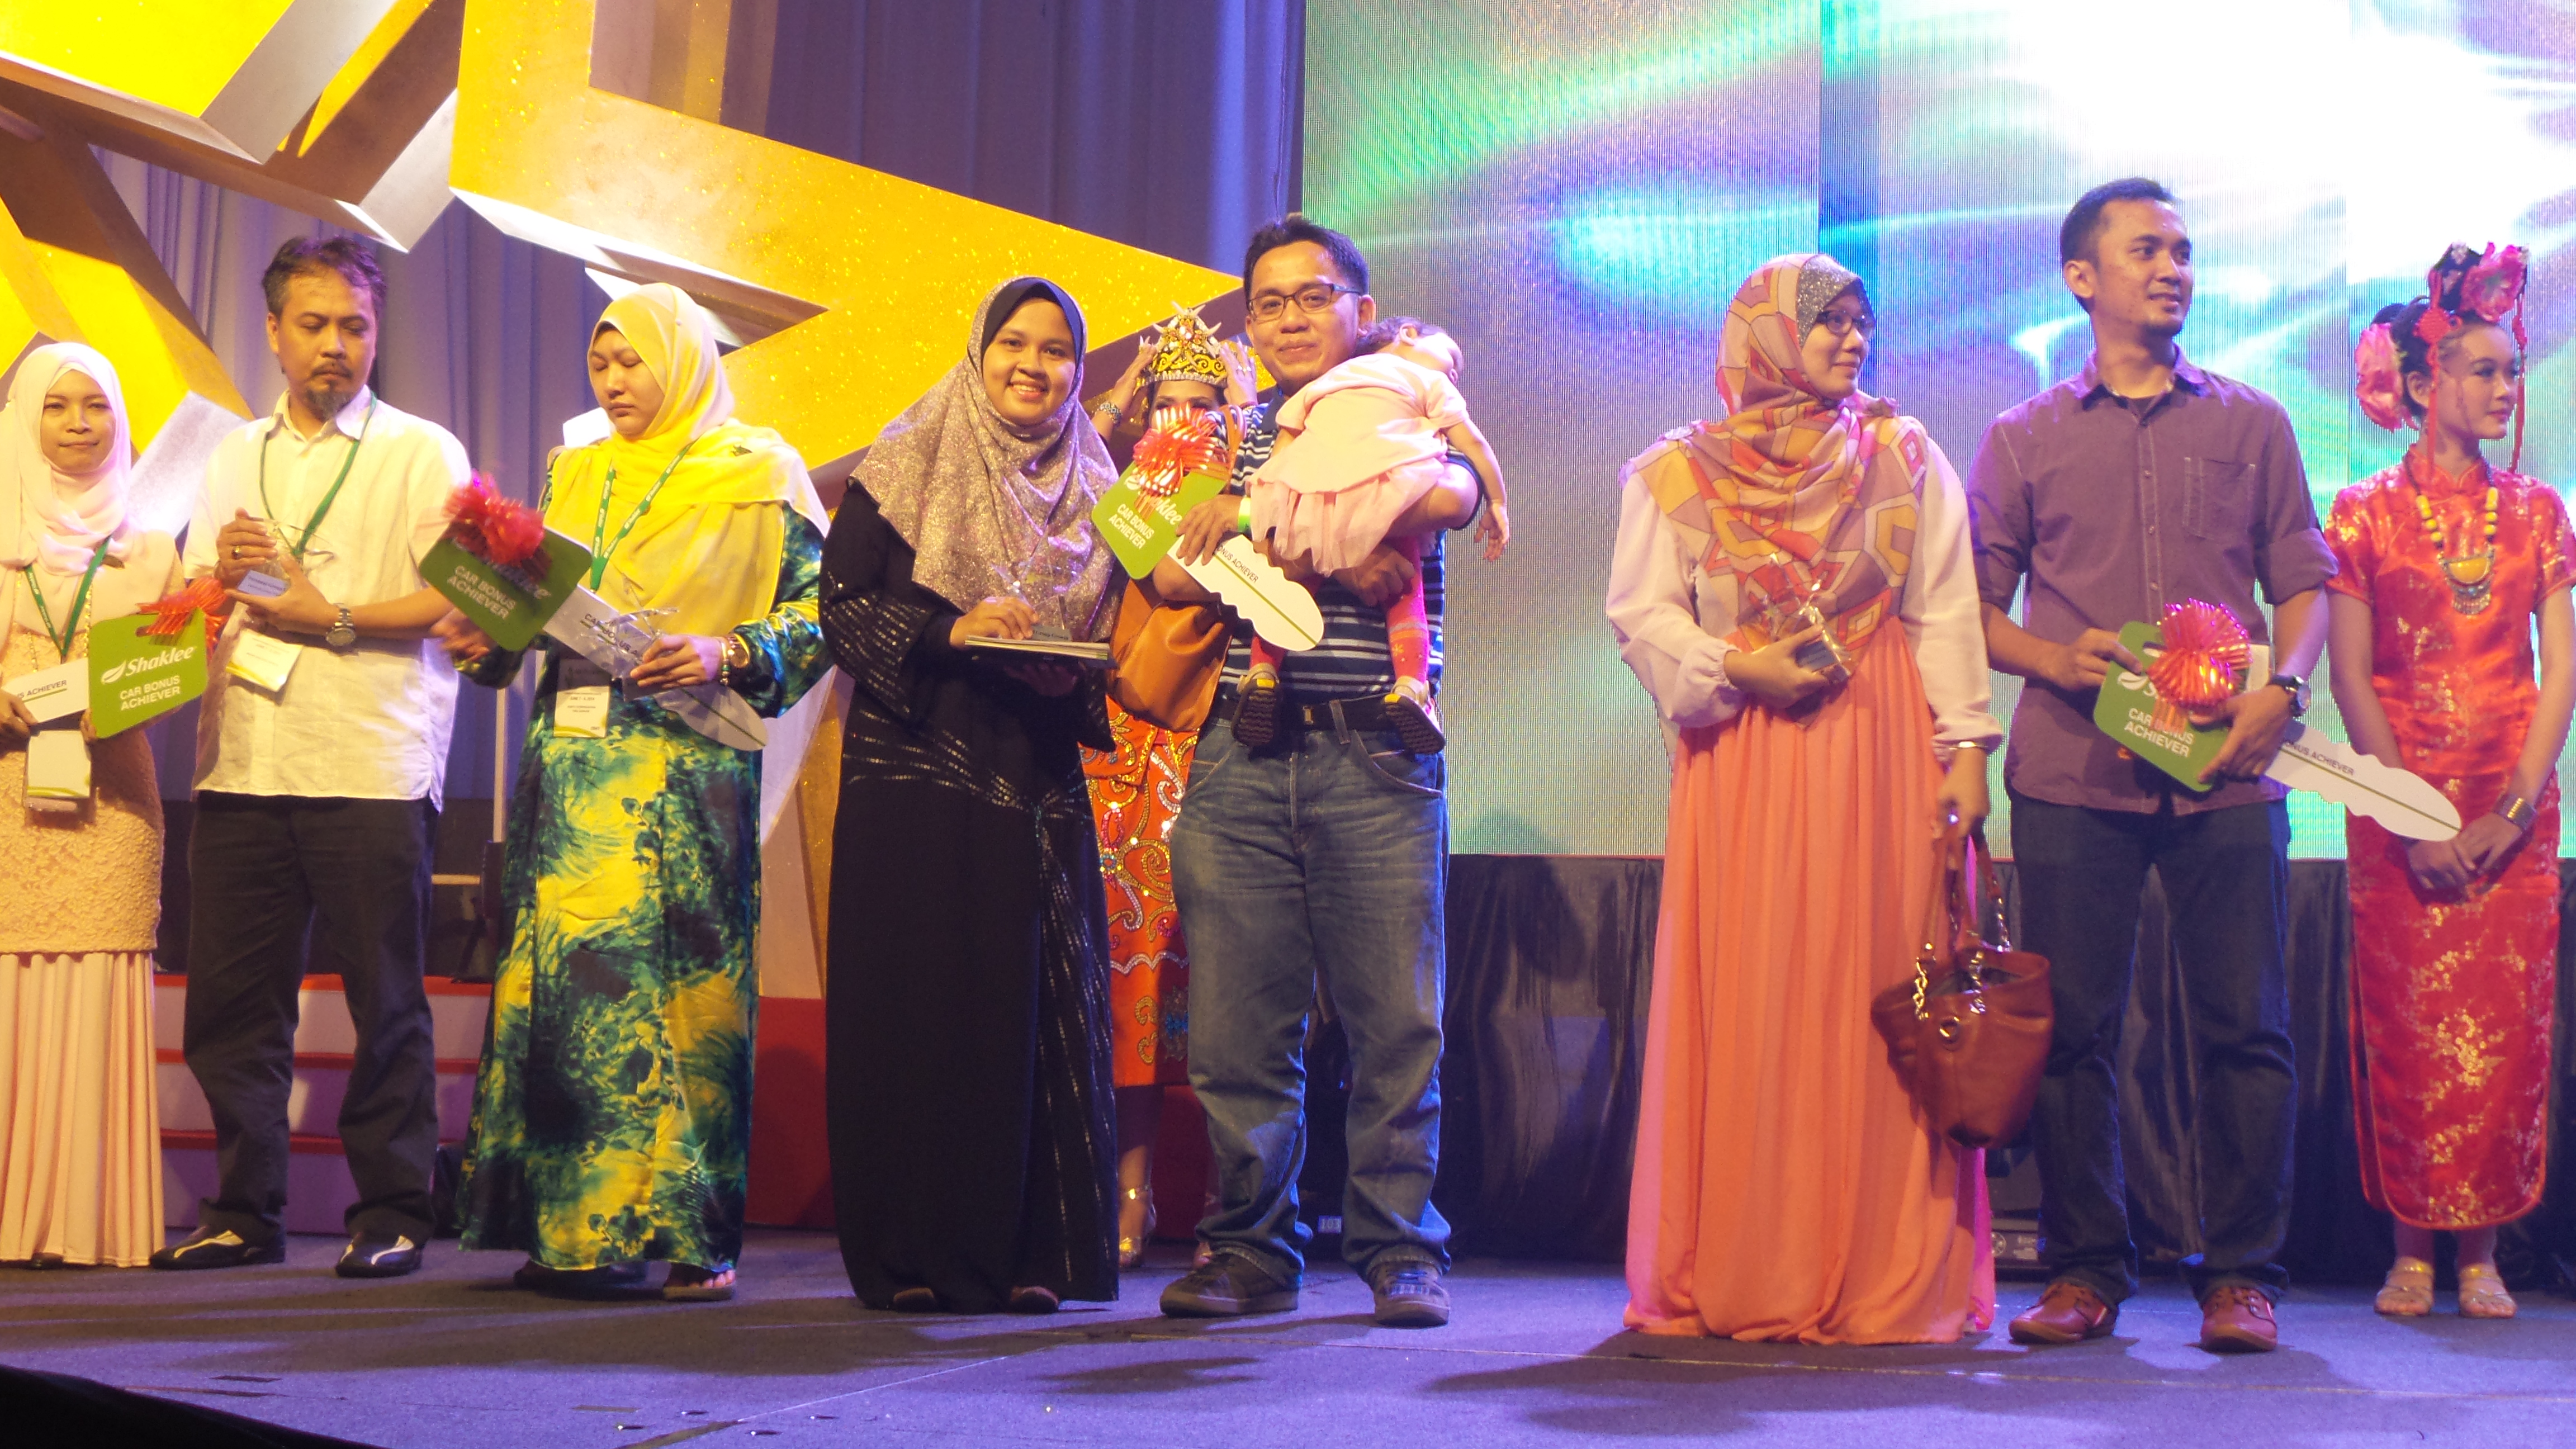 Download Lagu Faizal Tahir Gemuruh MP3 & Video MP4 Gratis